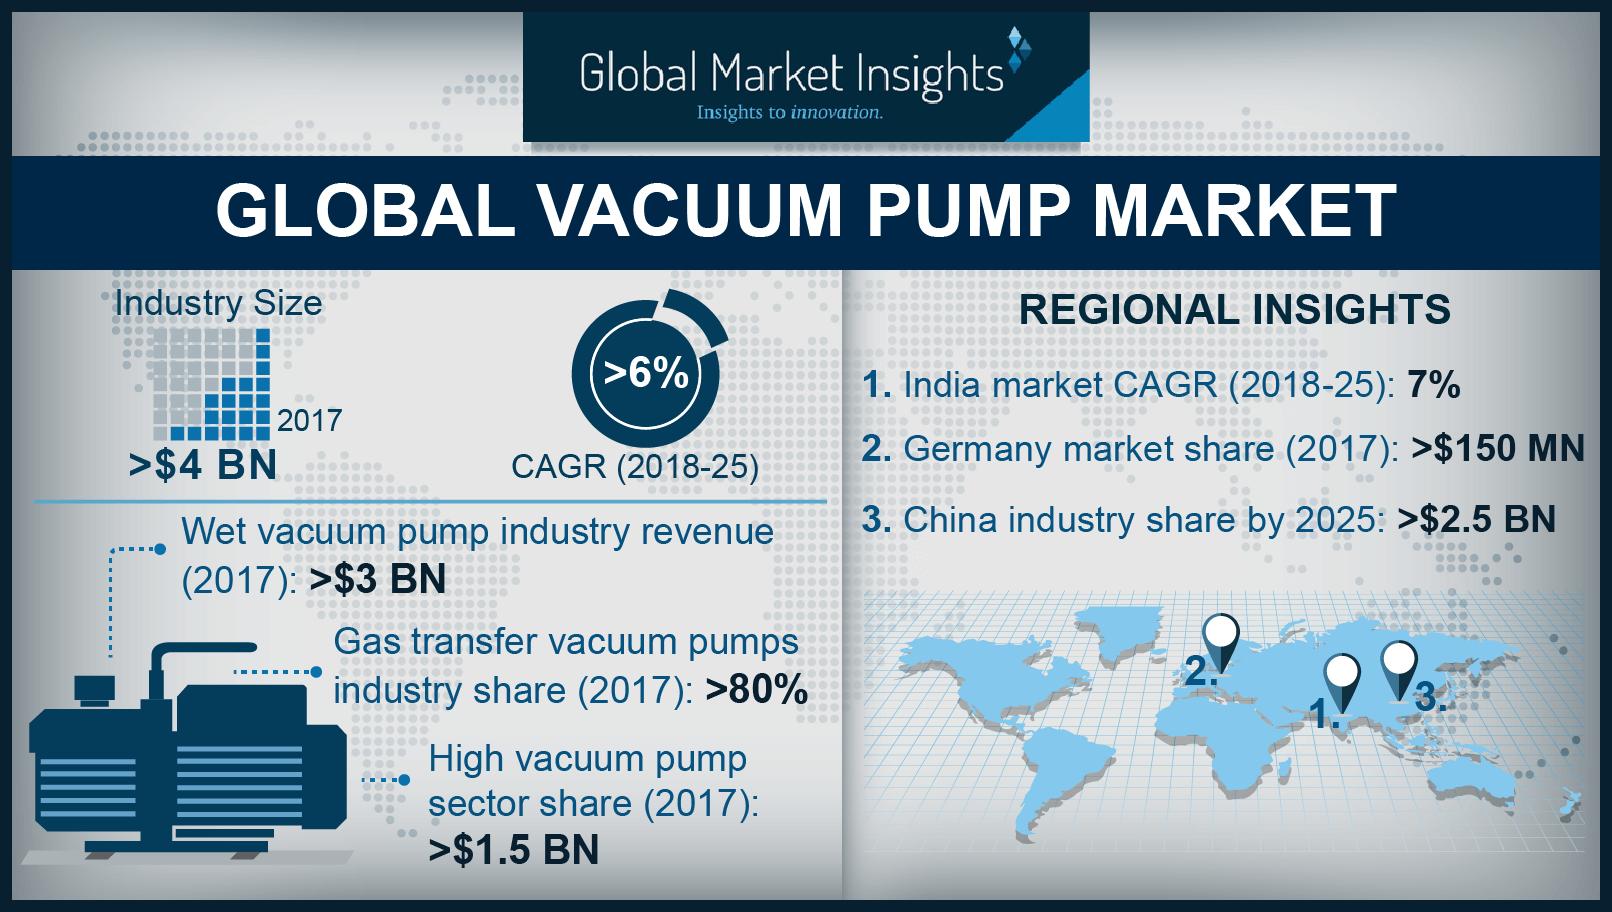 Vacuum pump industry